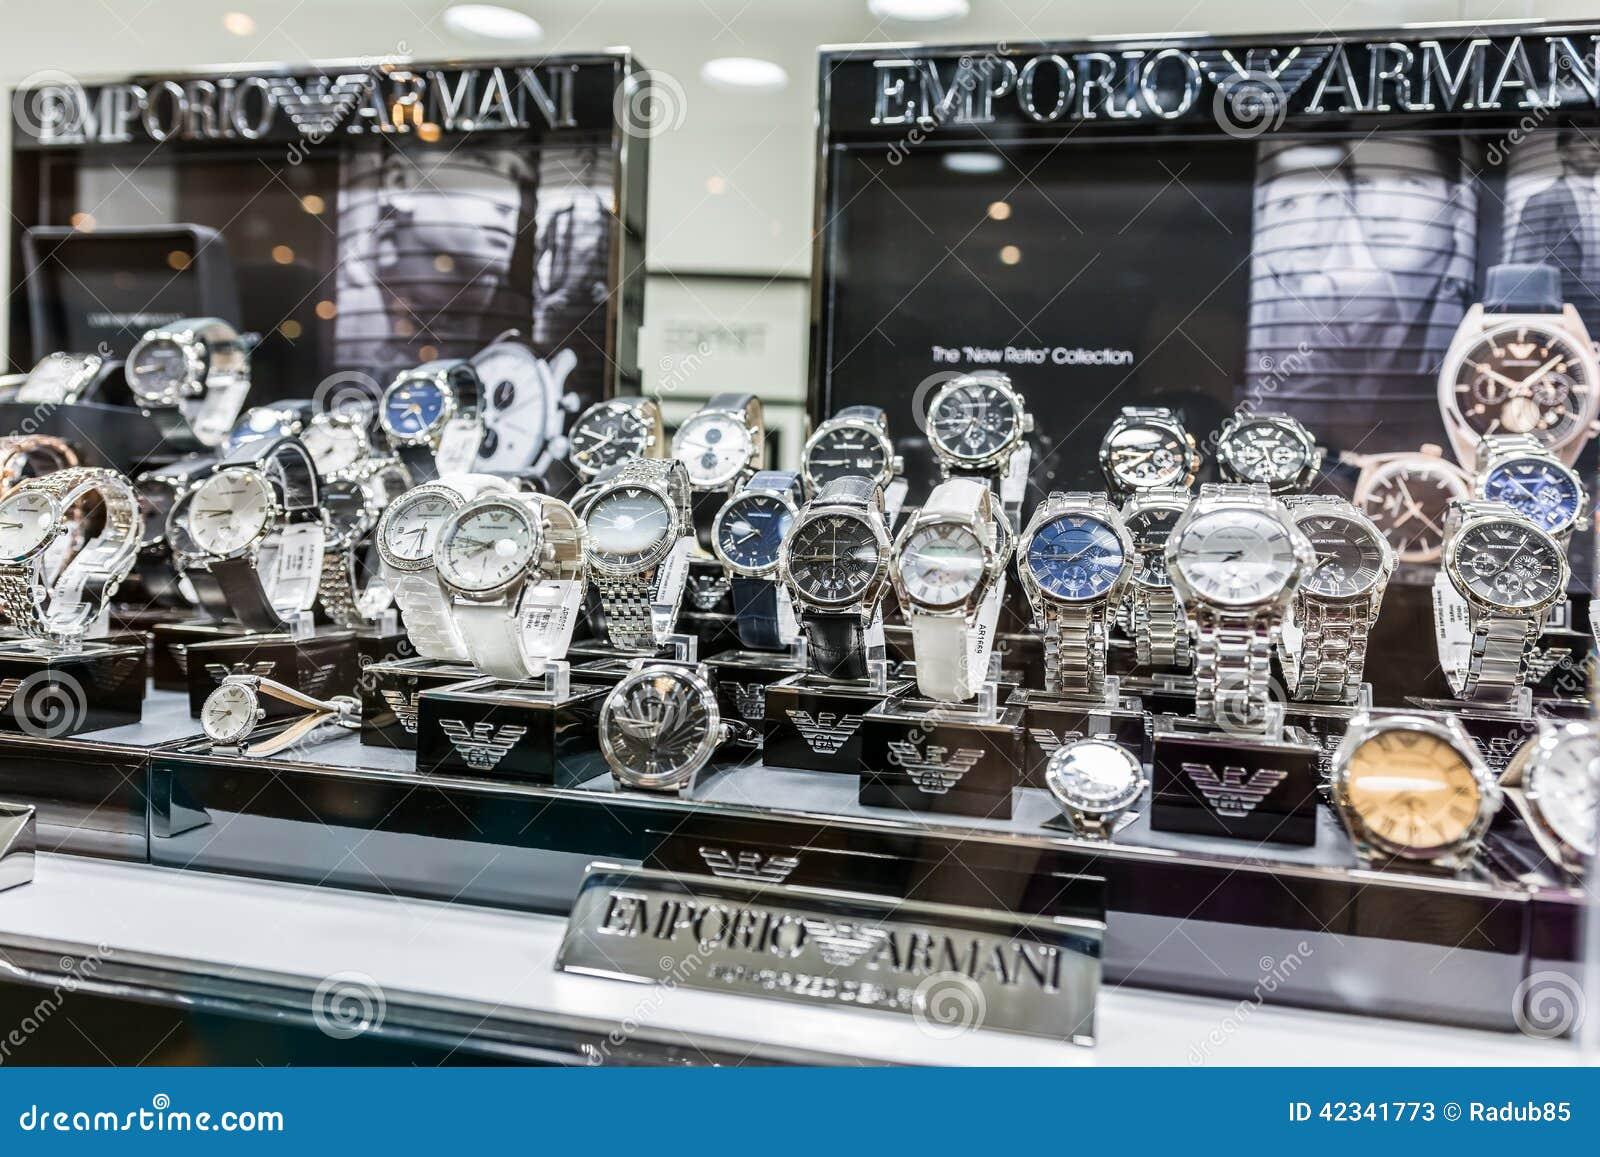 Giorgio Armani Watches In Shop Window Editorial Stock ...